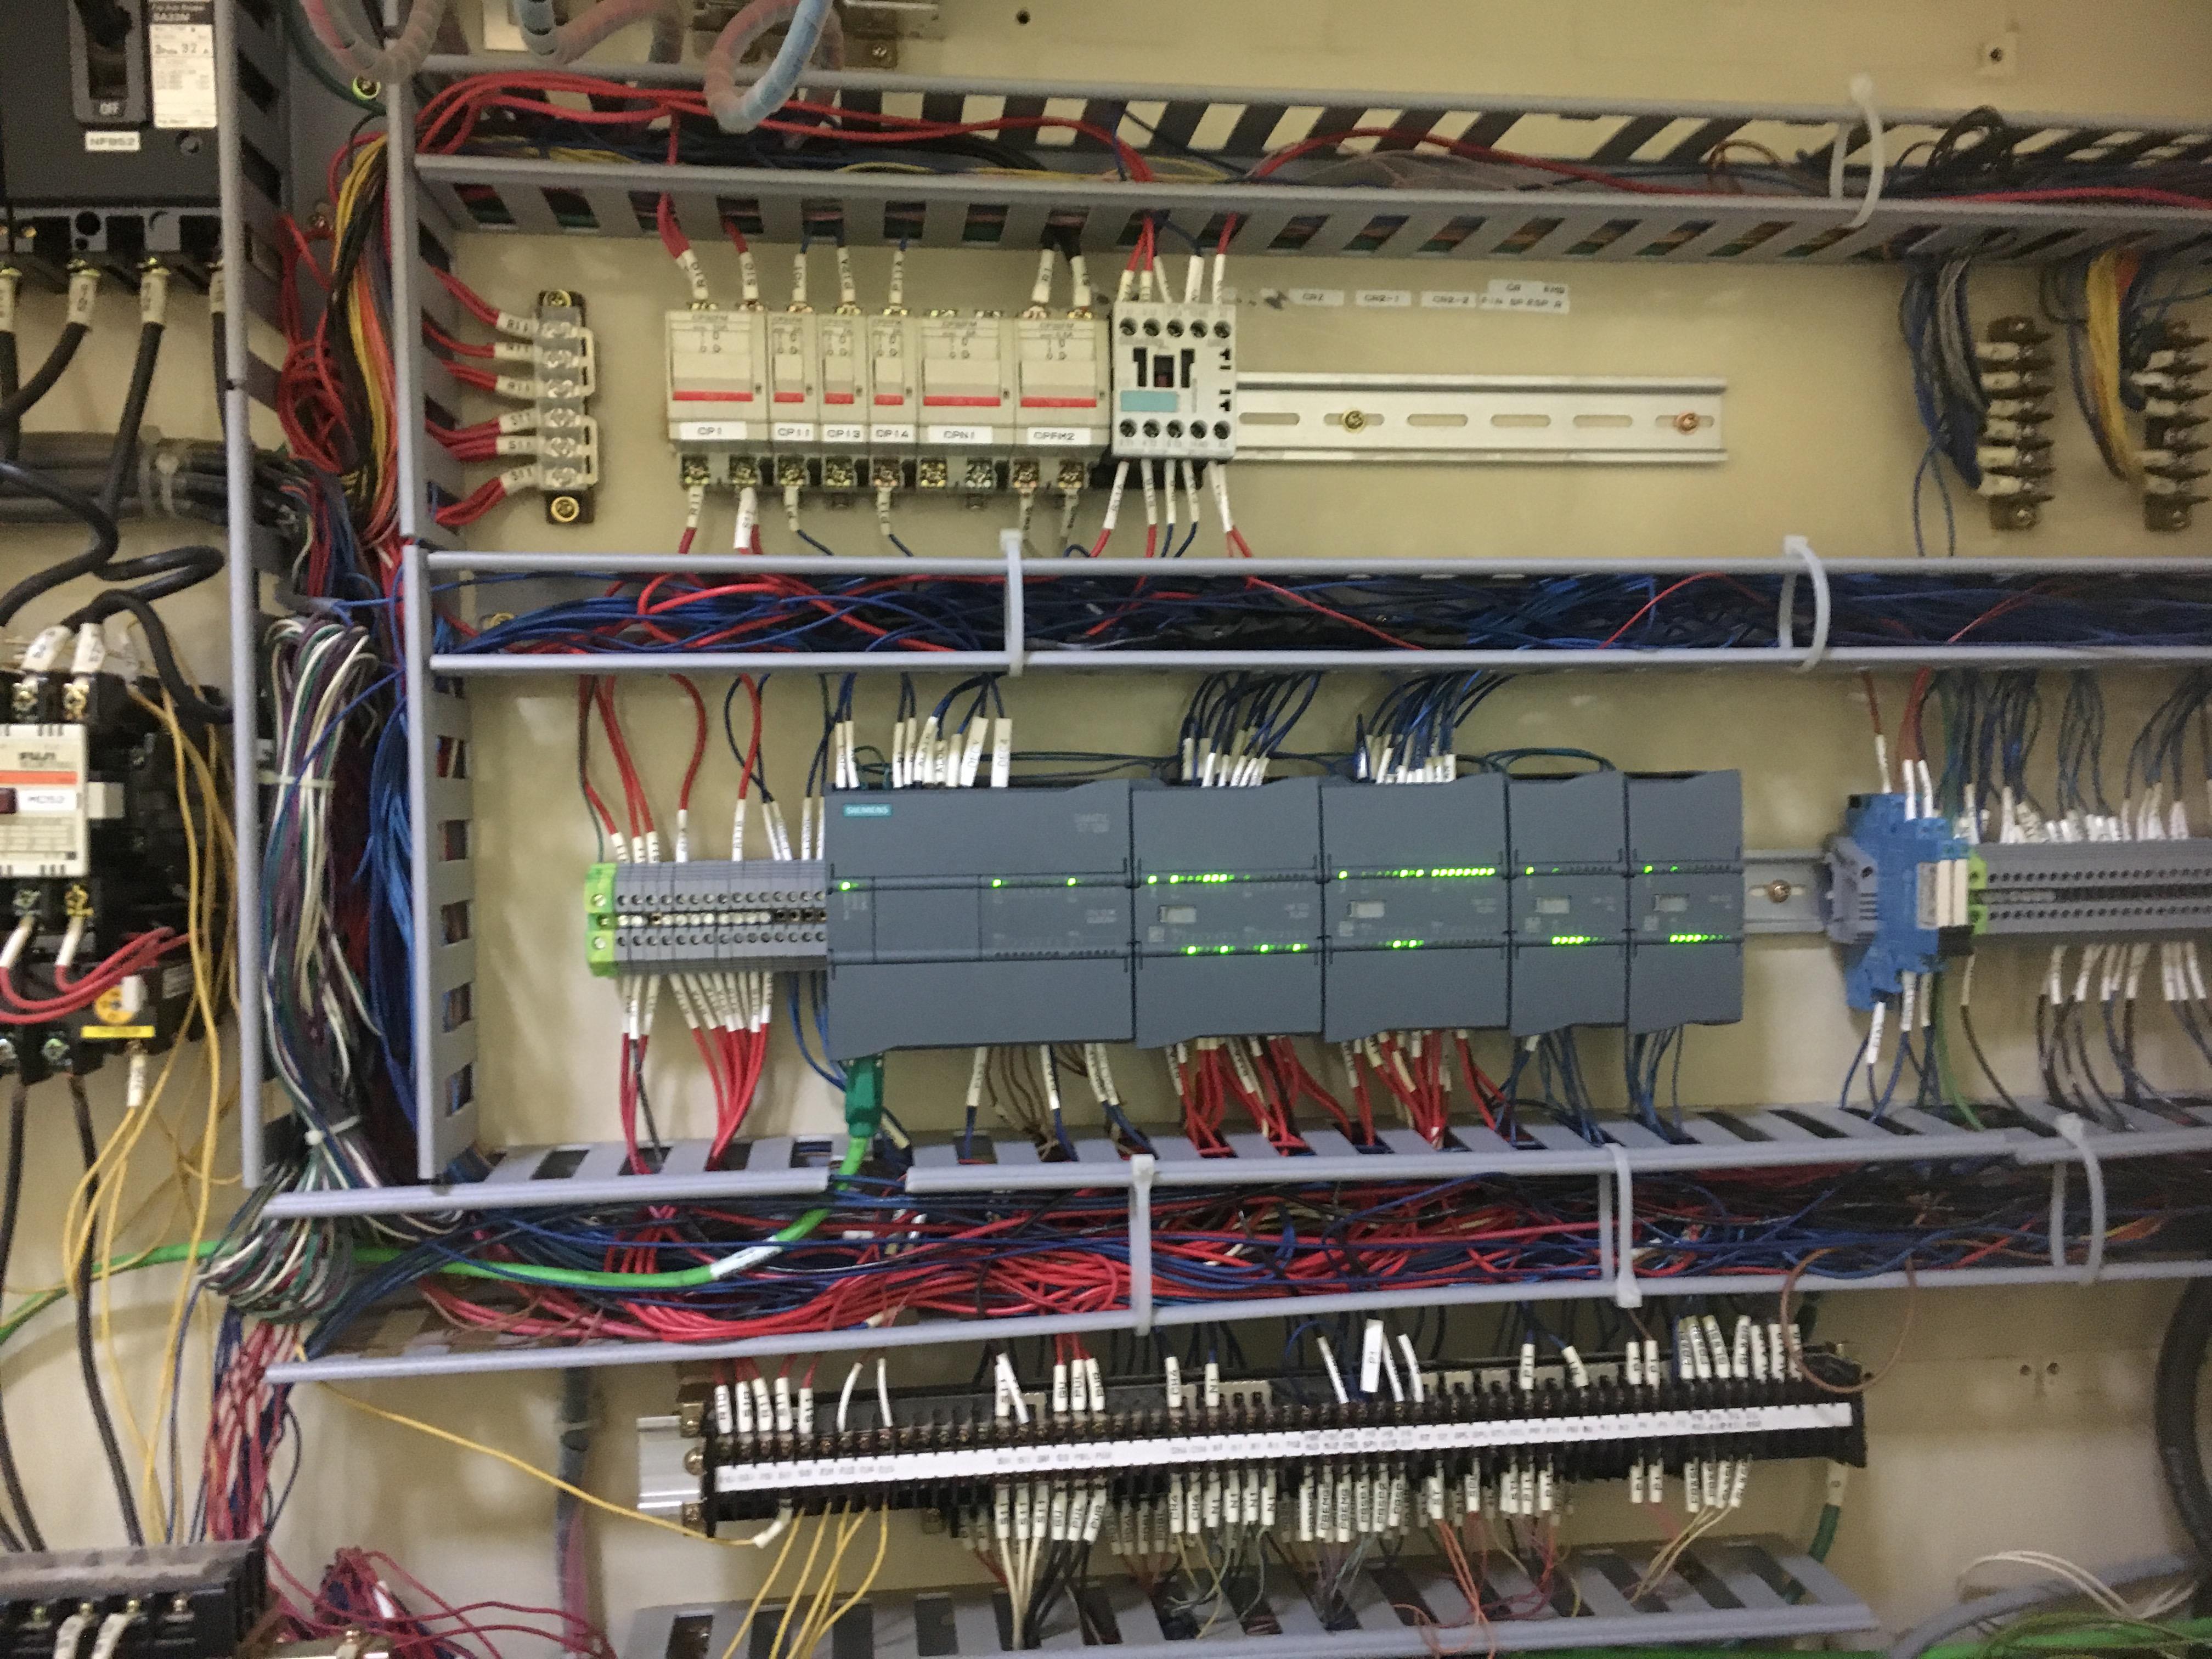 Shoda Router – Siemens S7-1200